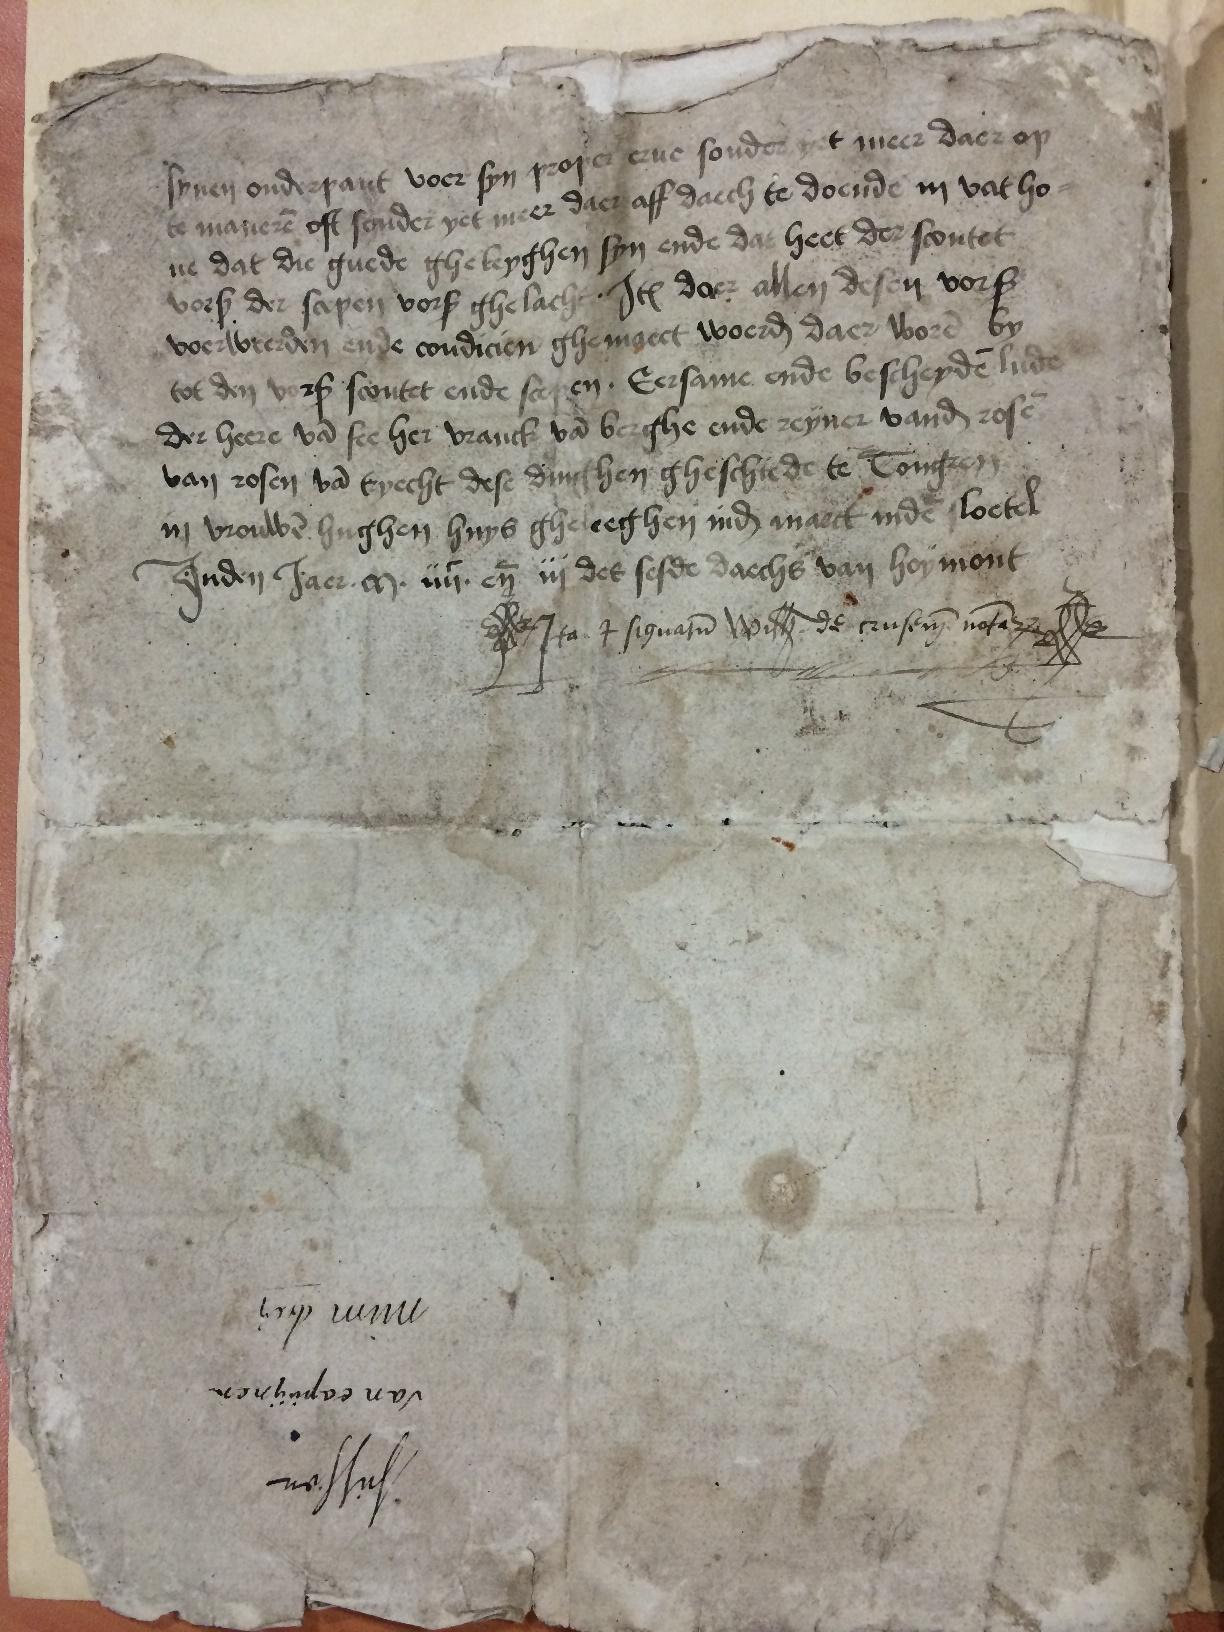 Charter van aankoop van het goed de Boxberch in Zussen door Hennen Moreesin 1403, blad 4